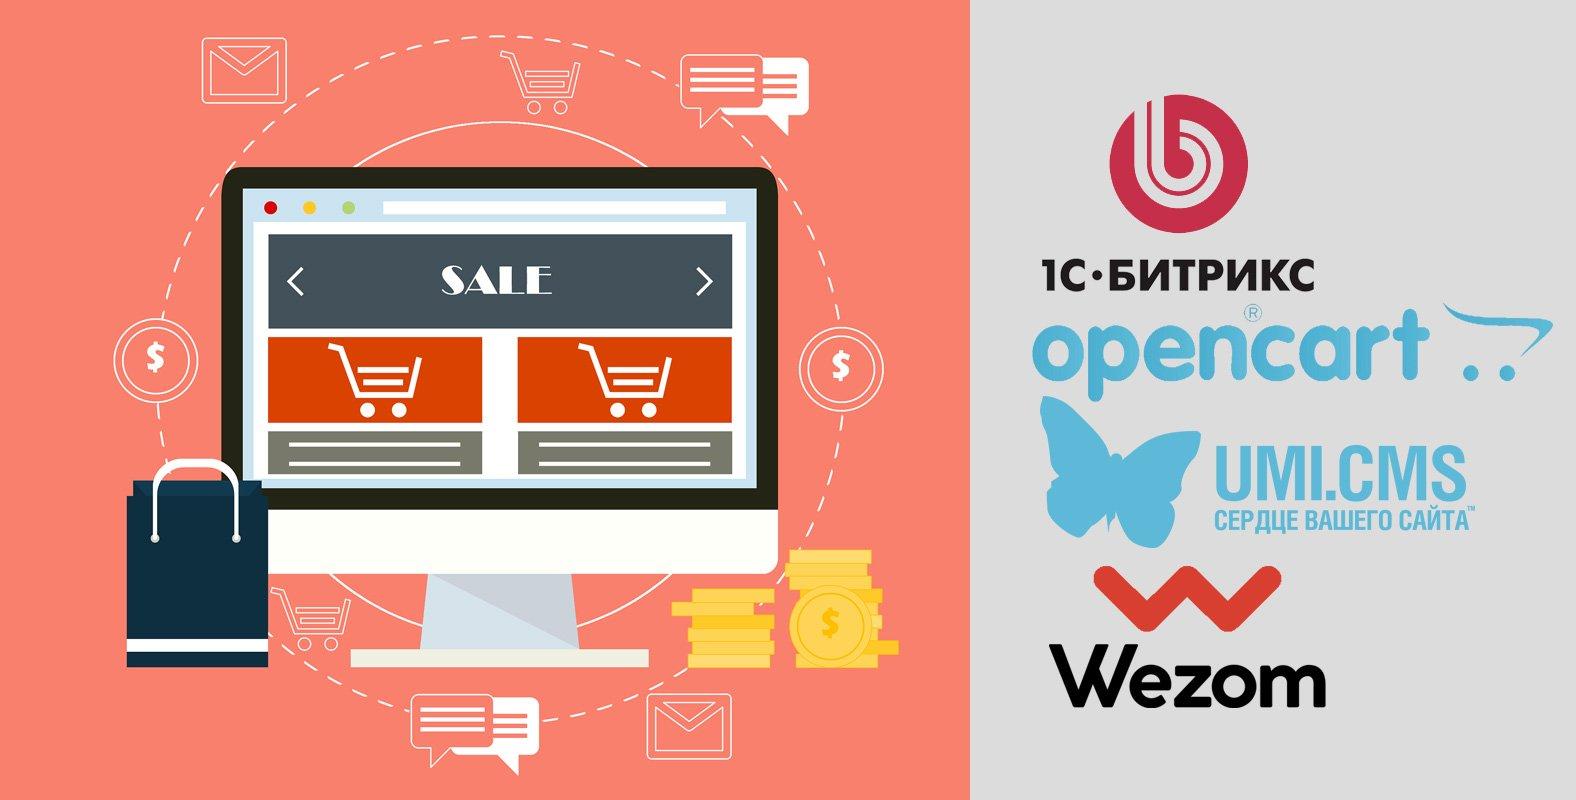 Лучший хостинг для интернет магазина на opencart организация оплаты за хостинг